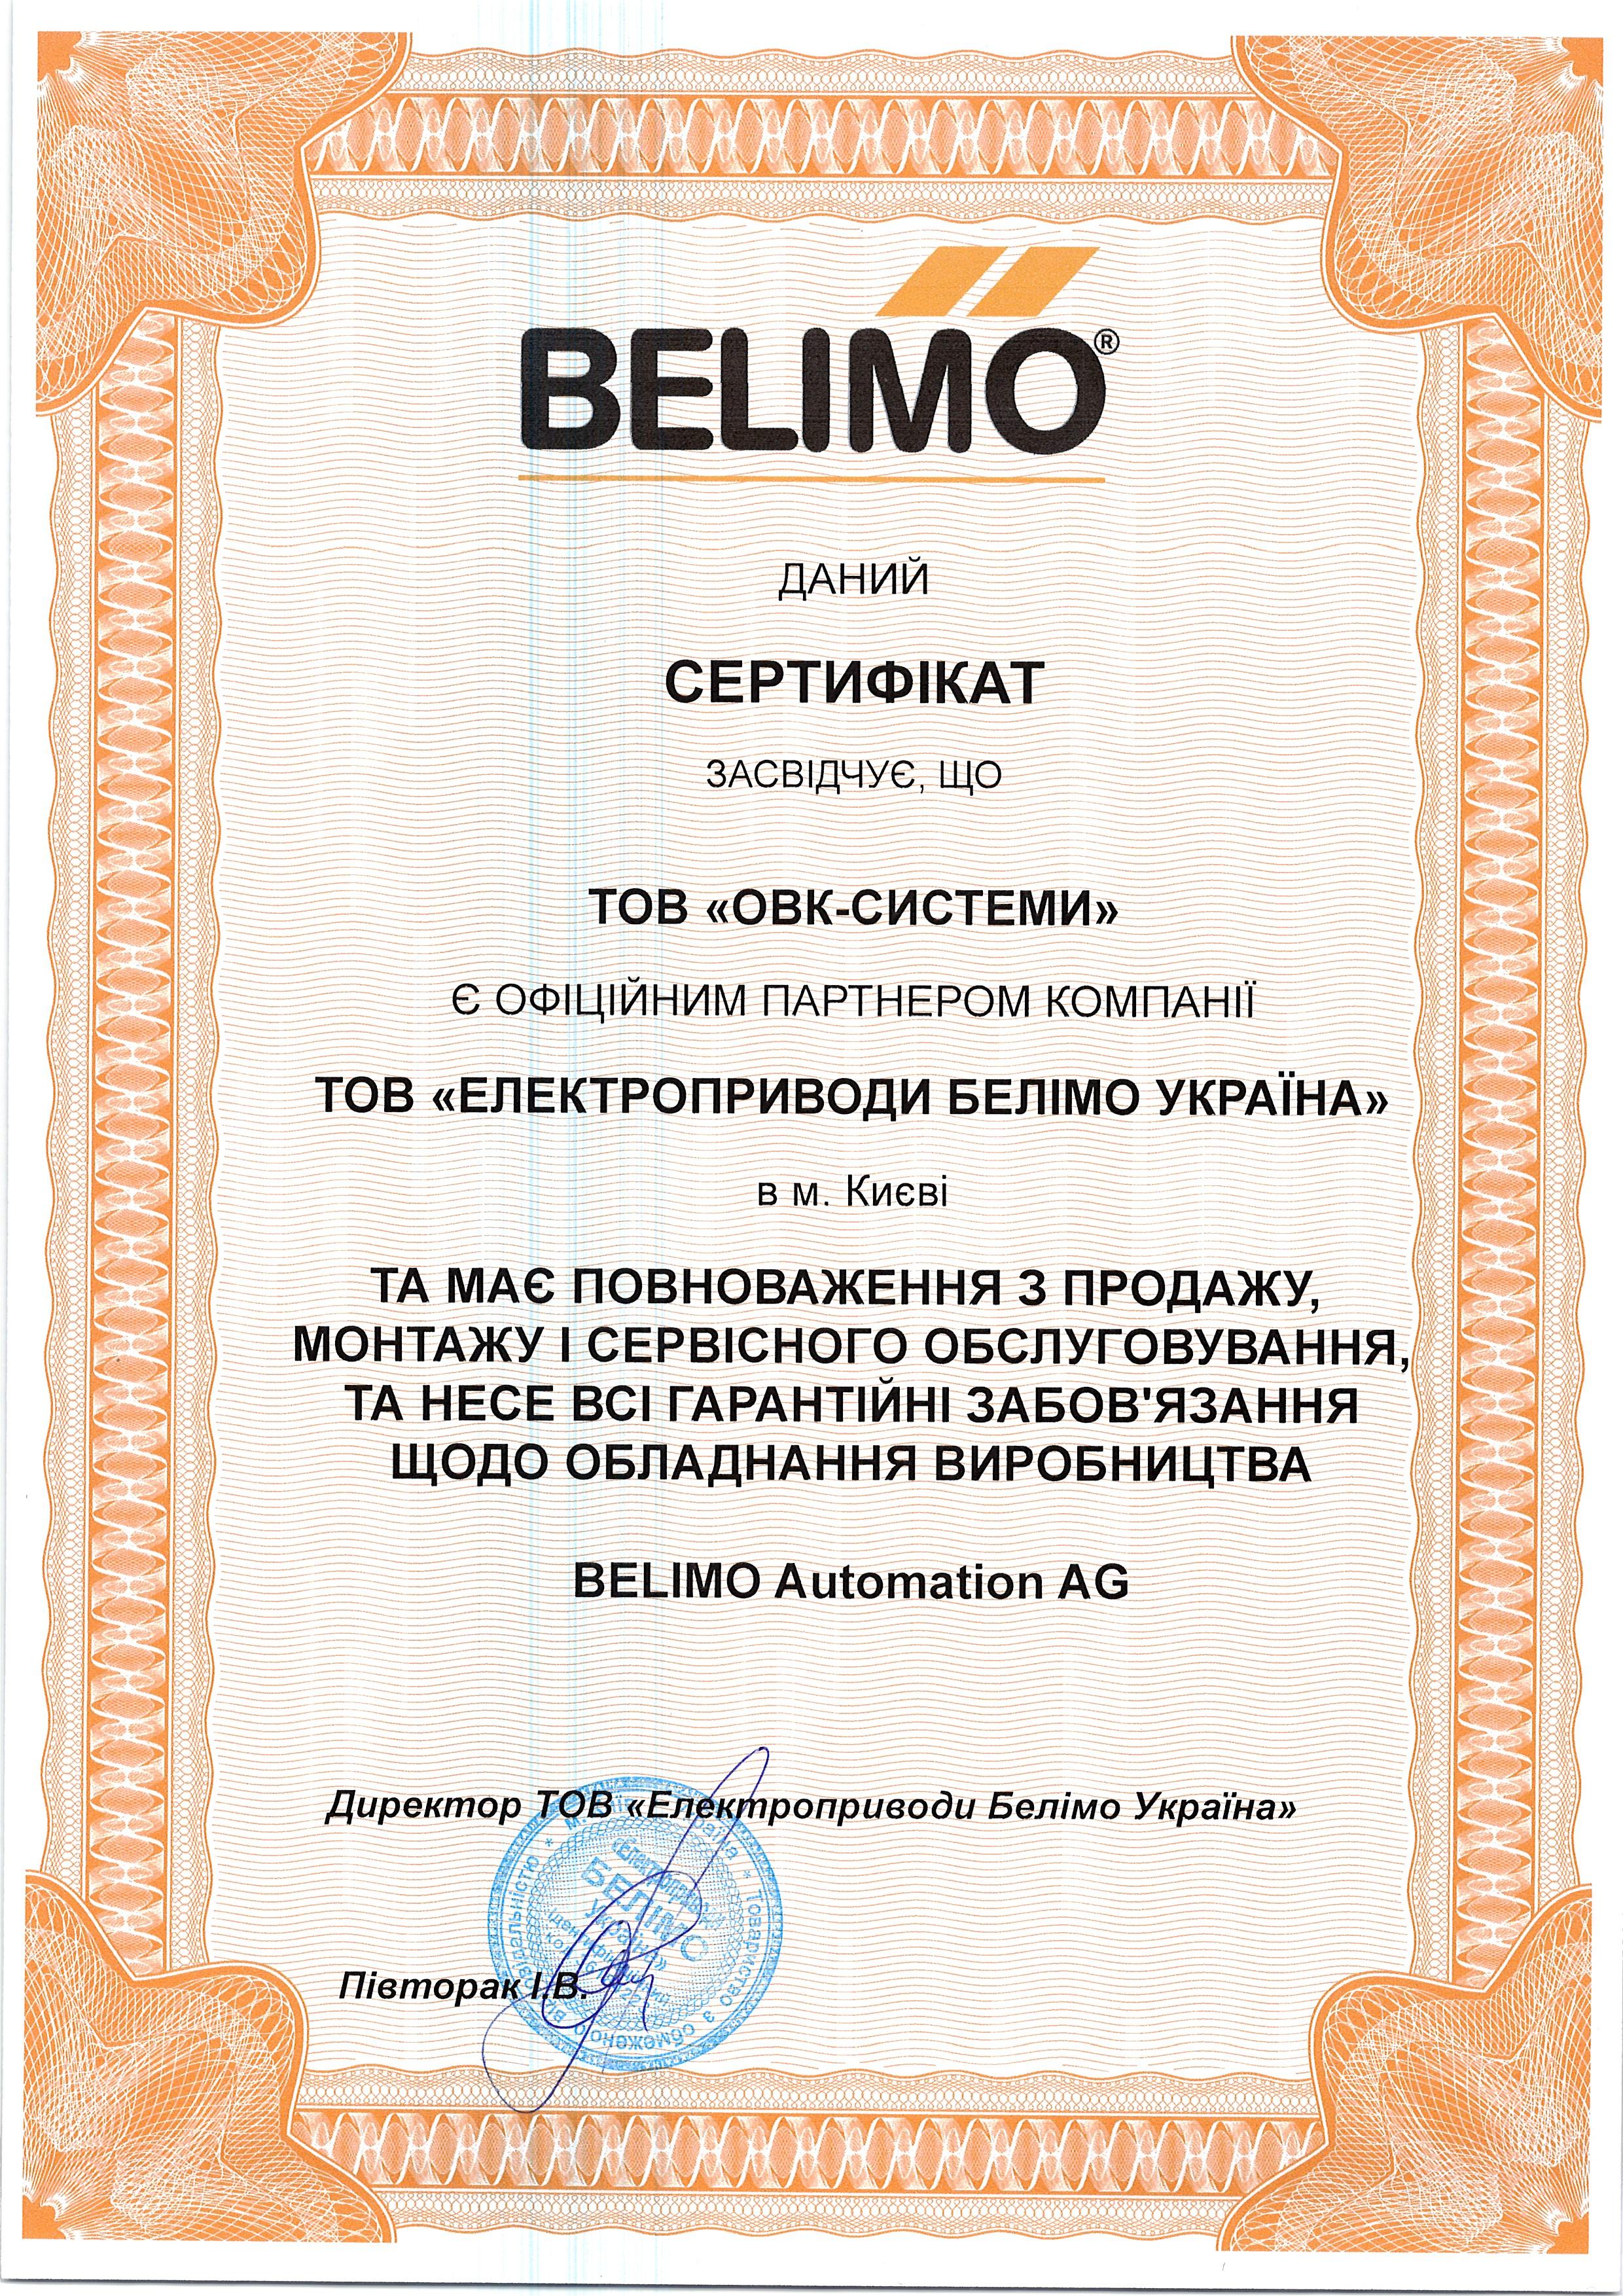 Сертификат Belimo